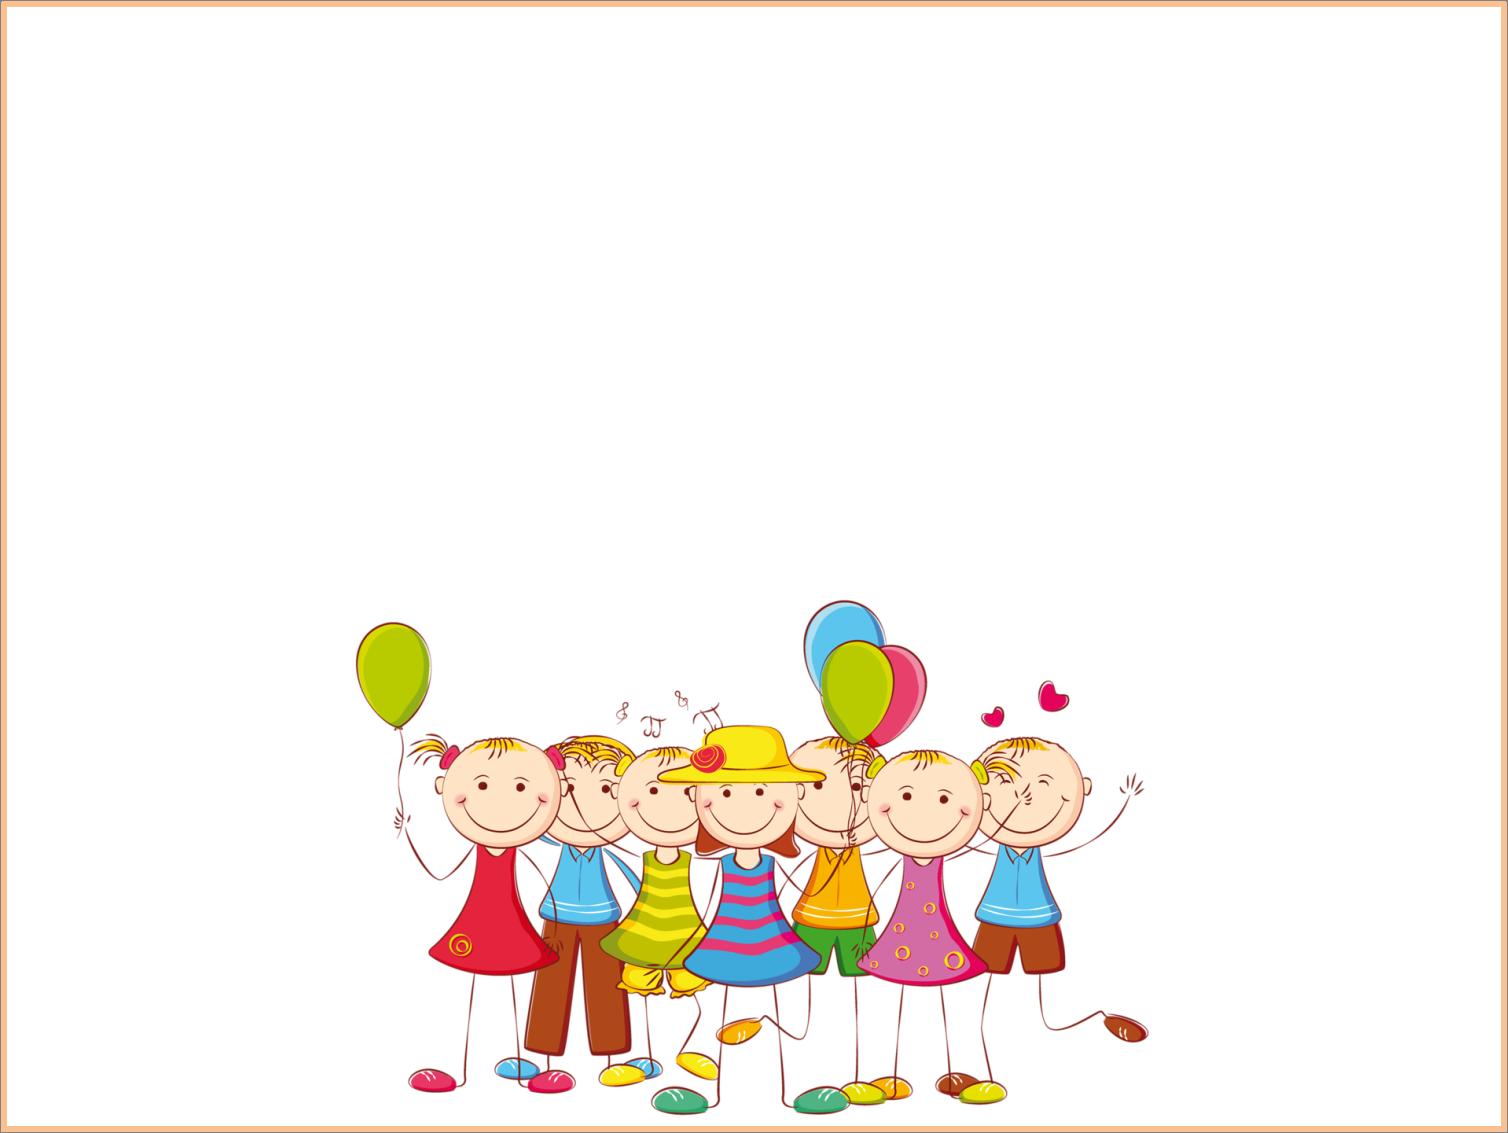 картинка для слайда с детьми